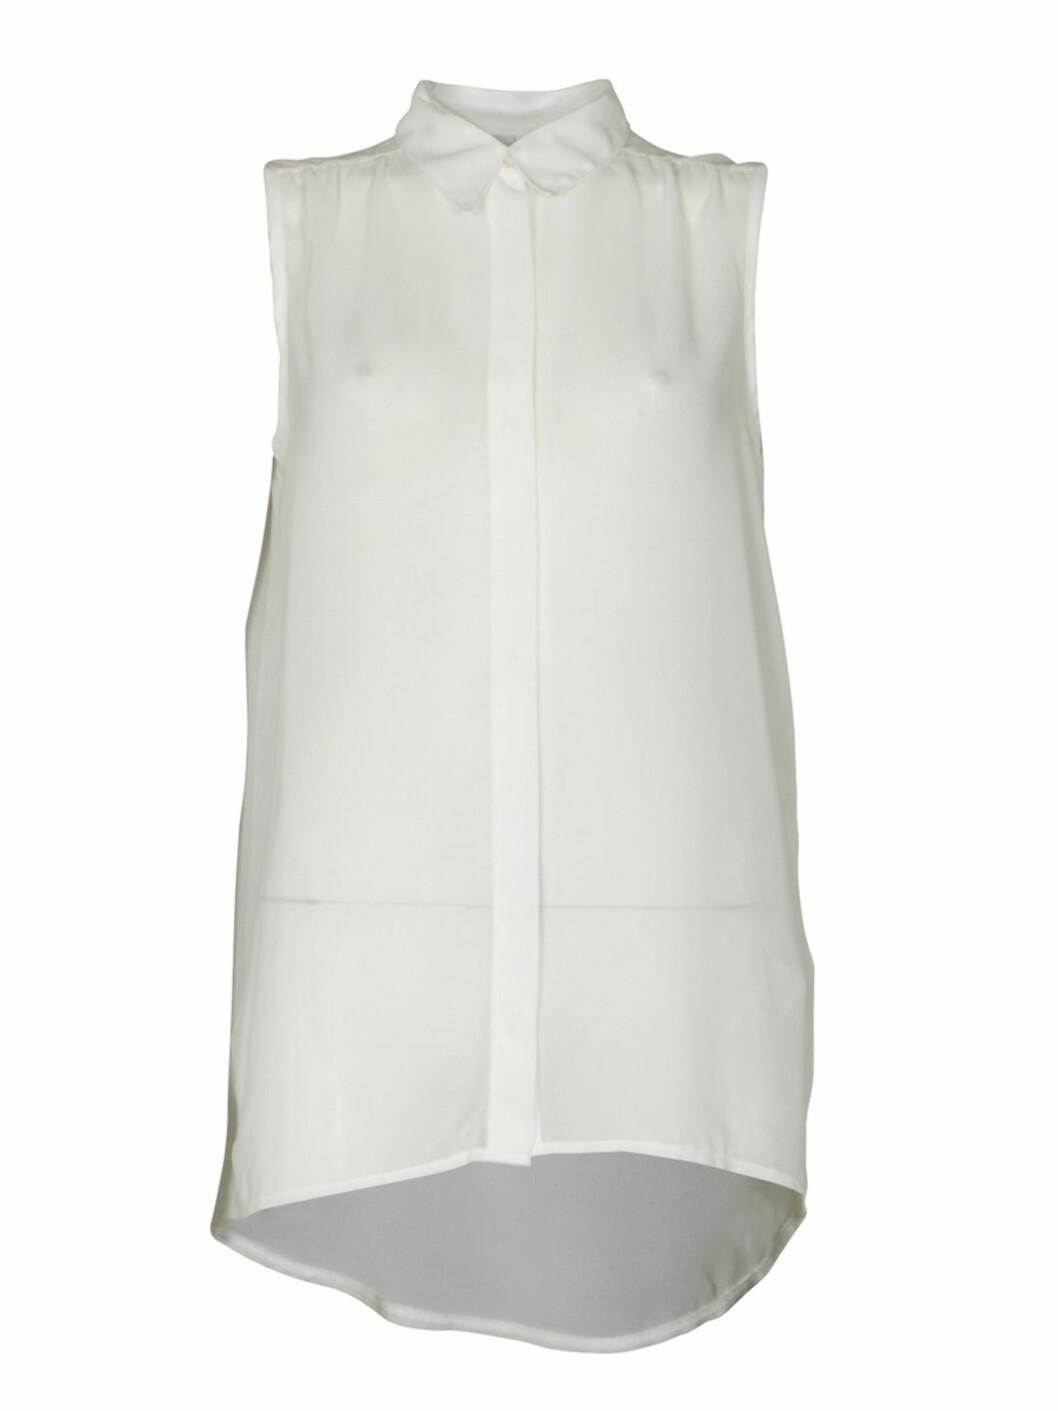 Ermeløs lang bluse med krage (kr.350/Vila.bestsellershop.com). Foto: Produsenten